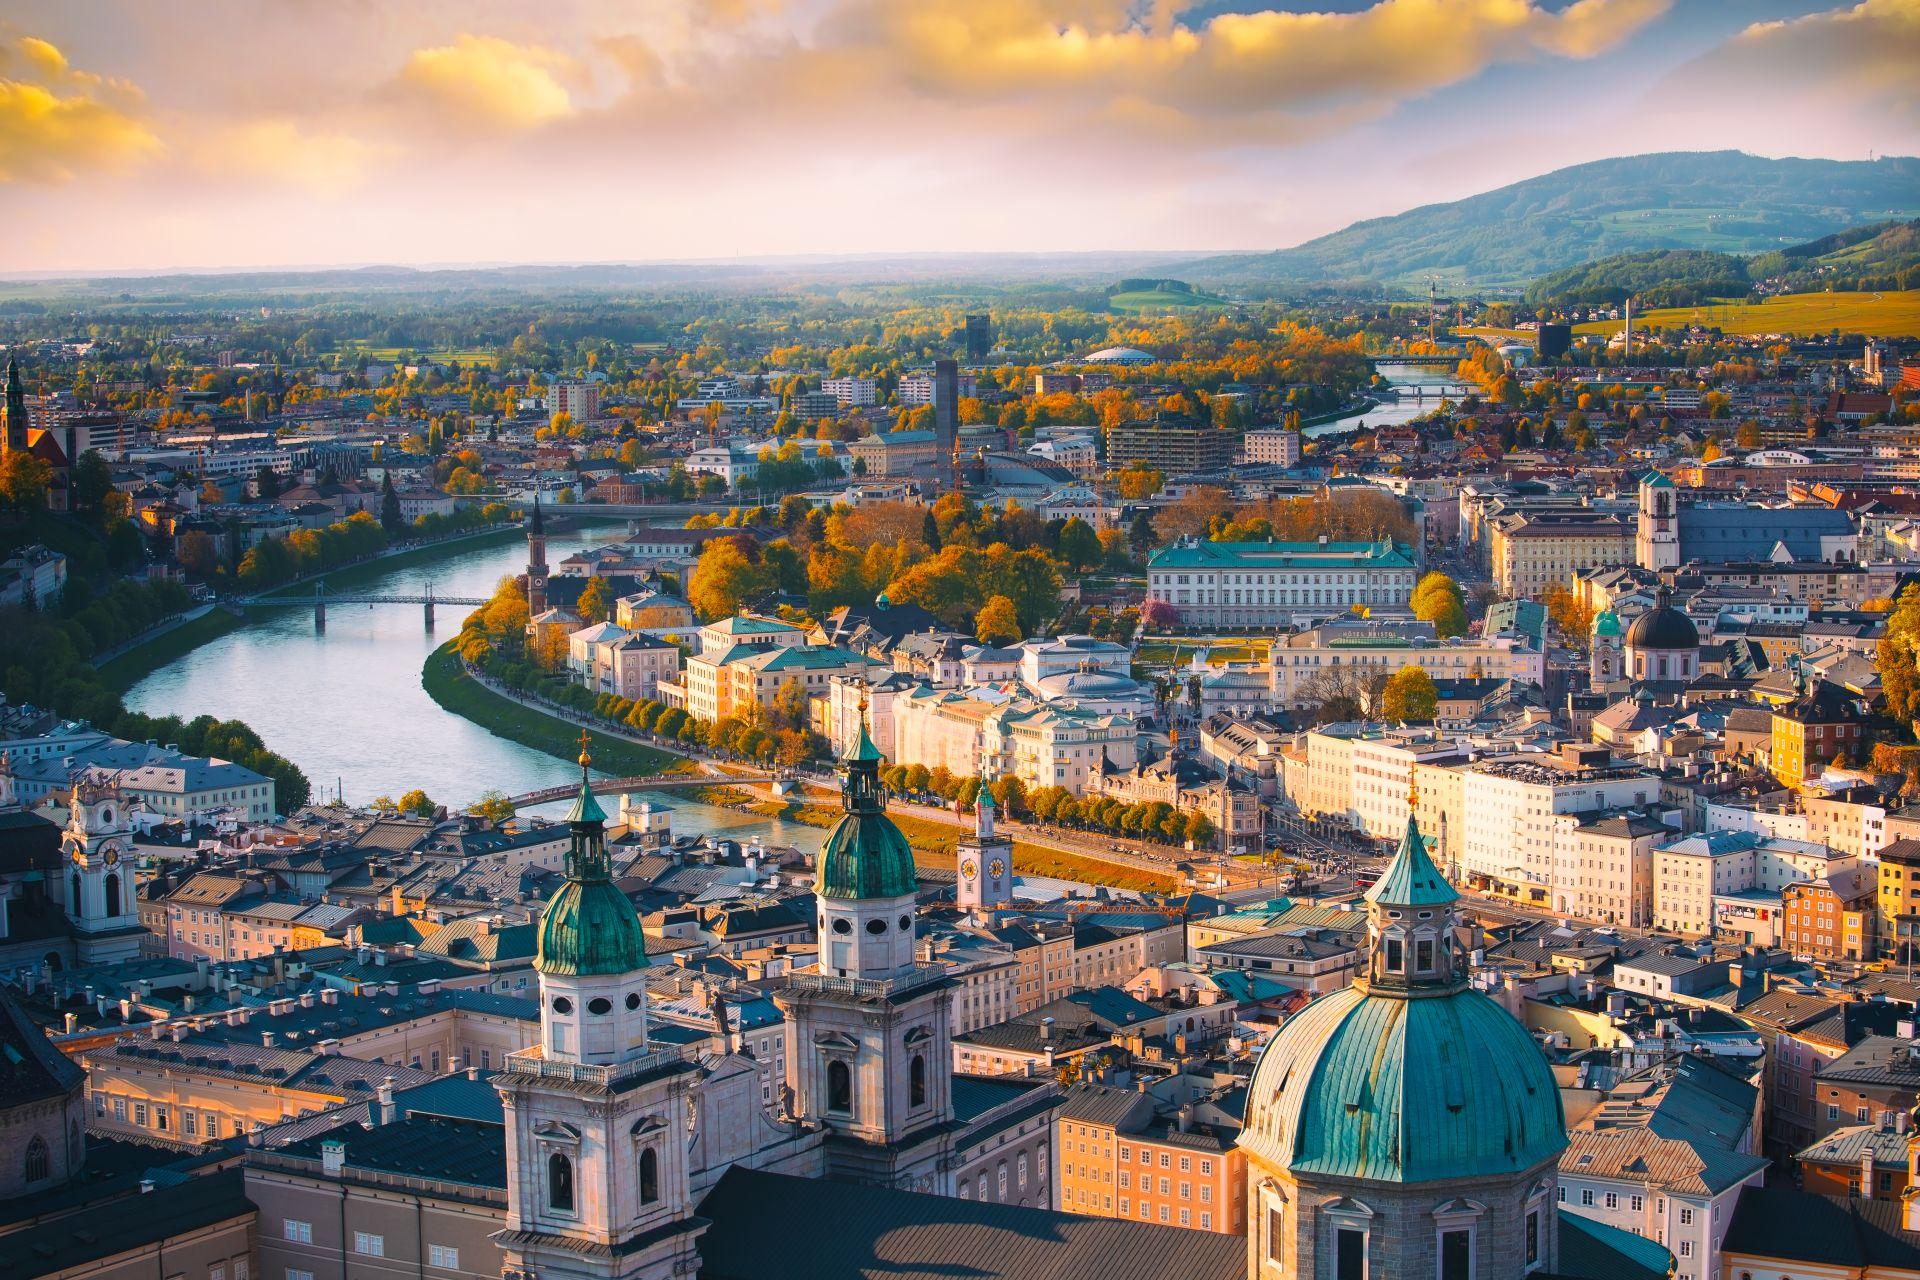 emiwa bringt E-Mietwagen-Vergleichsplattform nach Deutschland